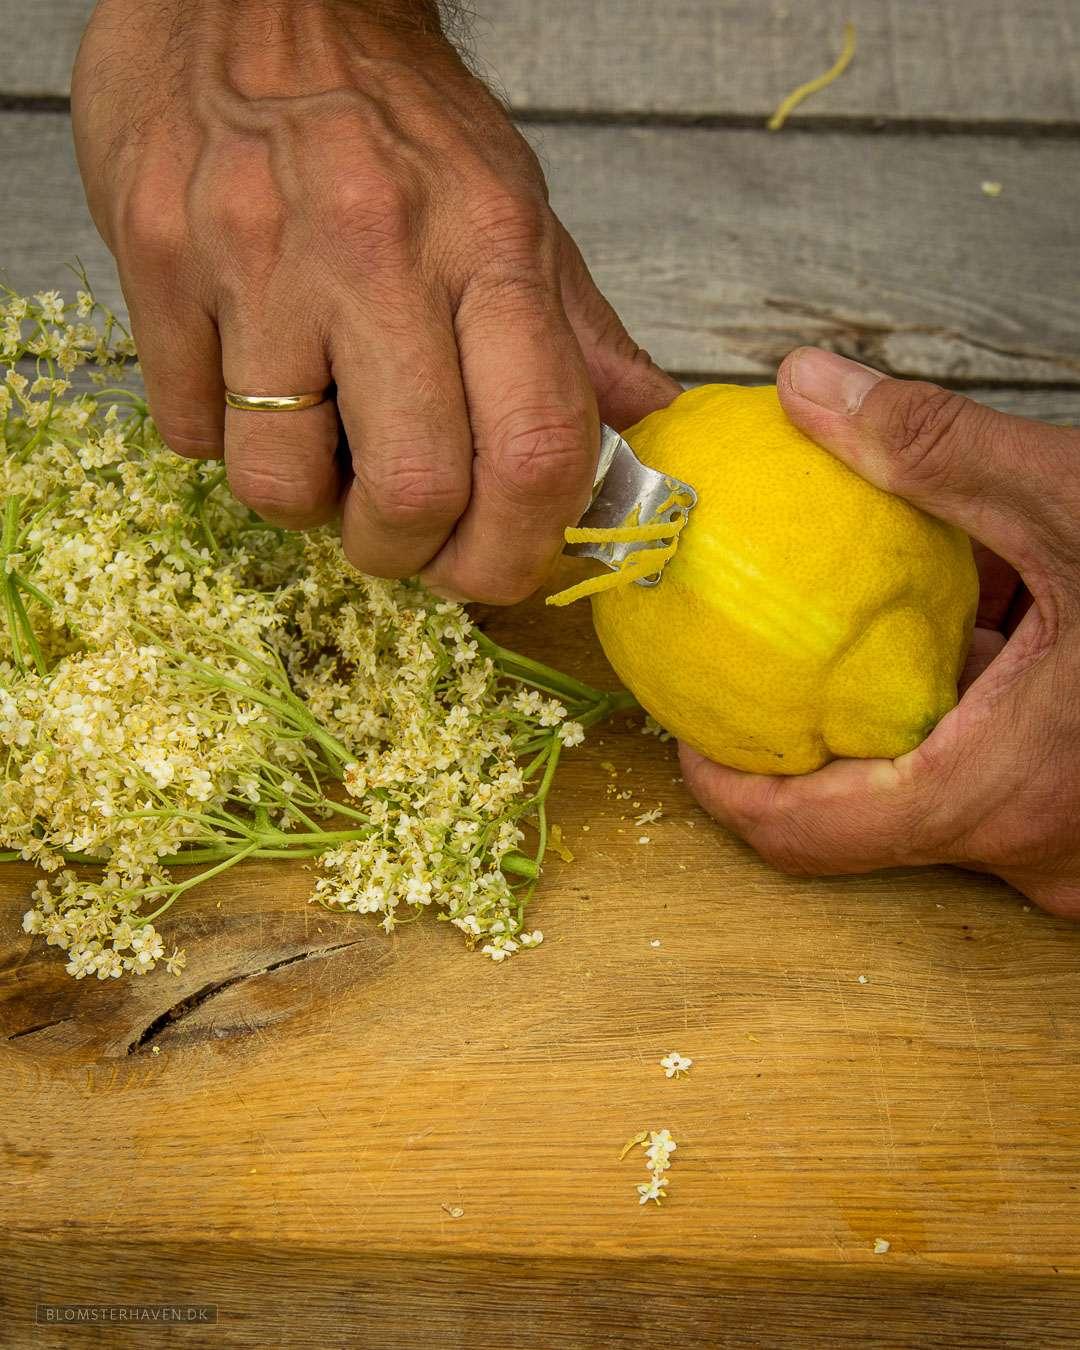 et juliennejern bruges til at skrælle en citron